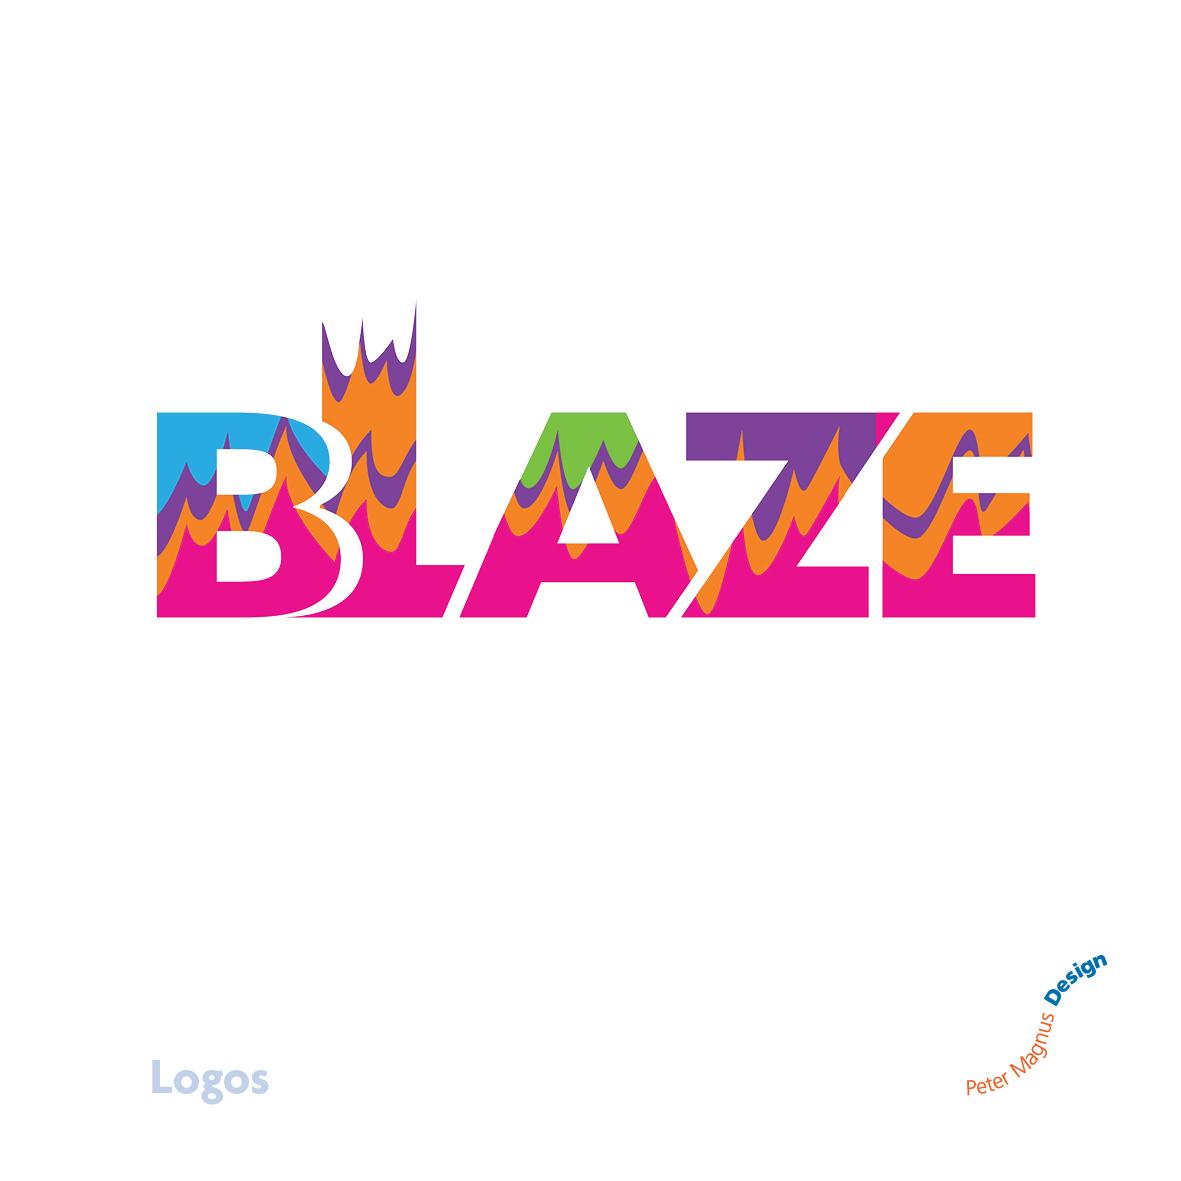 Blaze youth club, Bushey Baptist Church logo